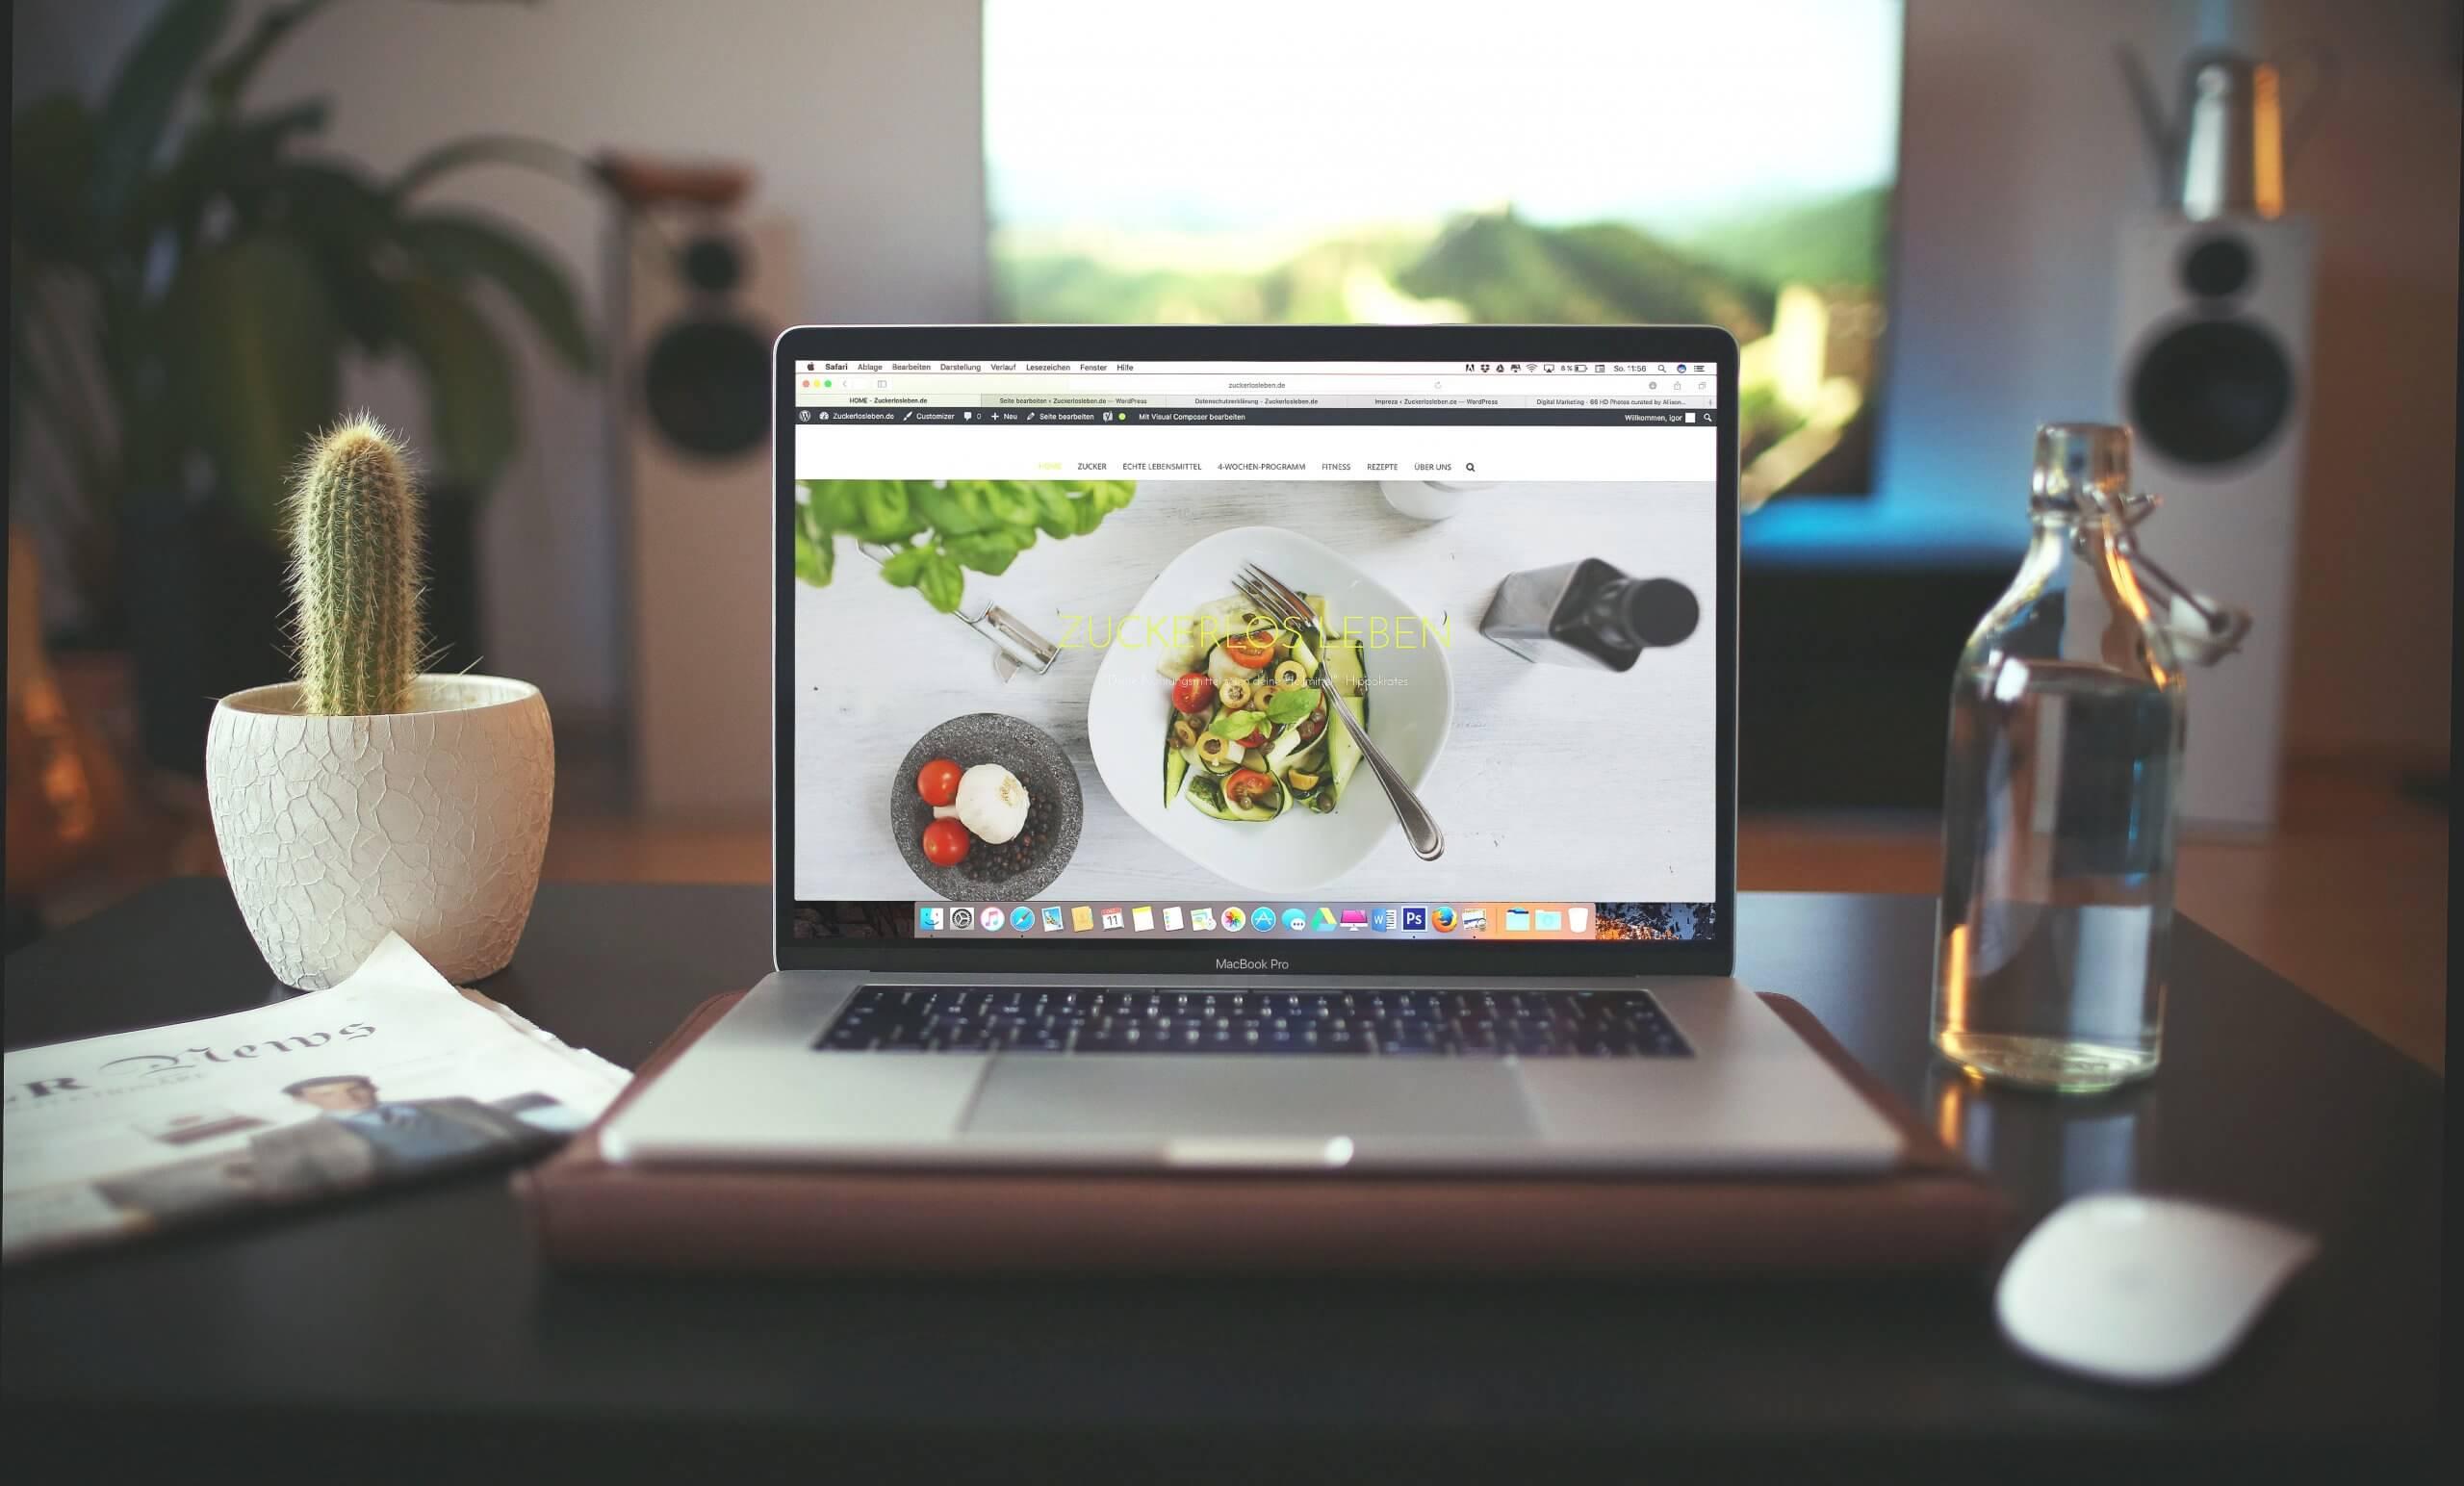 Niche sites make great side hustles